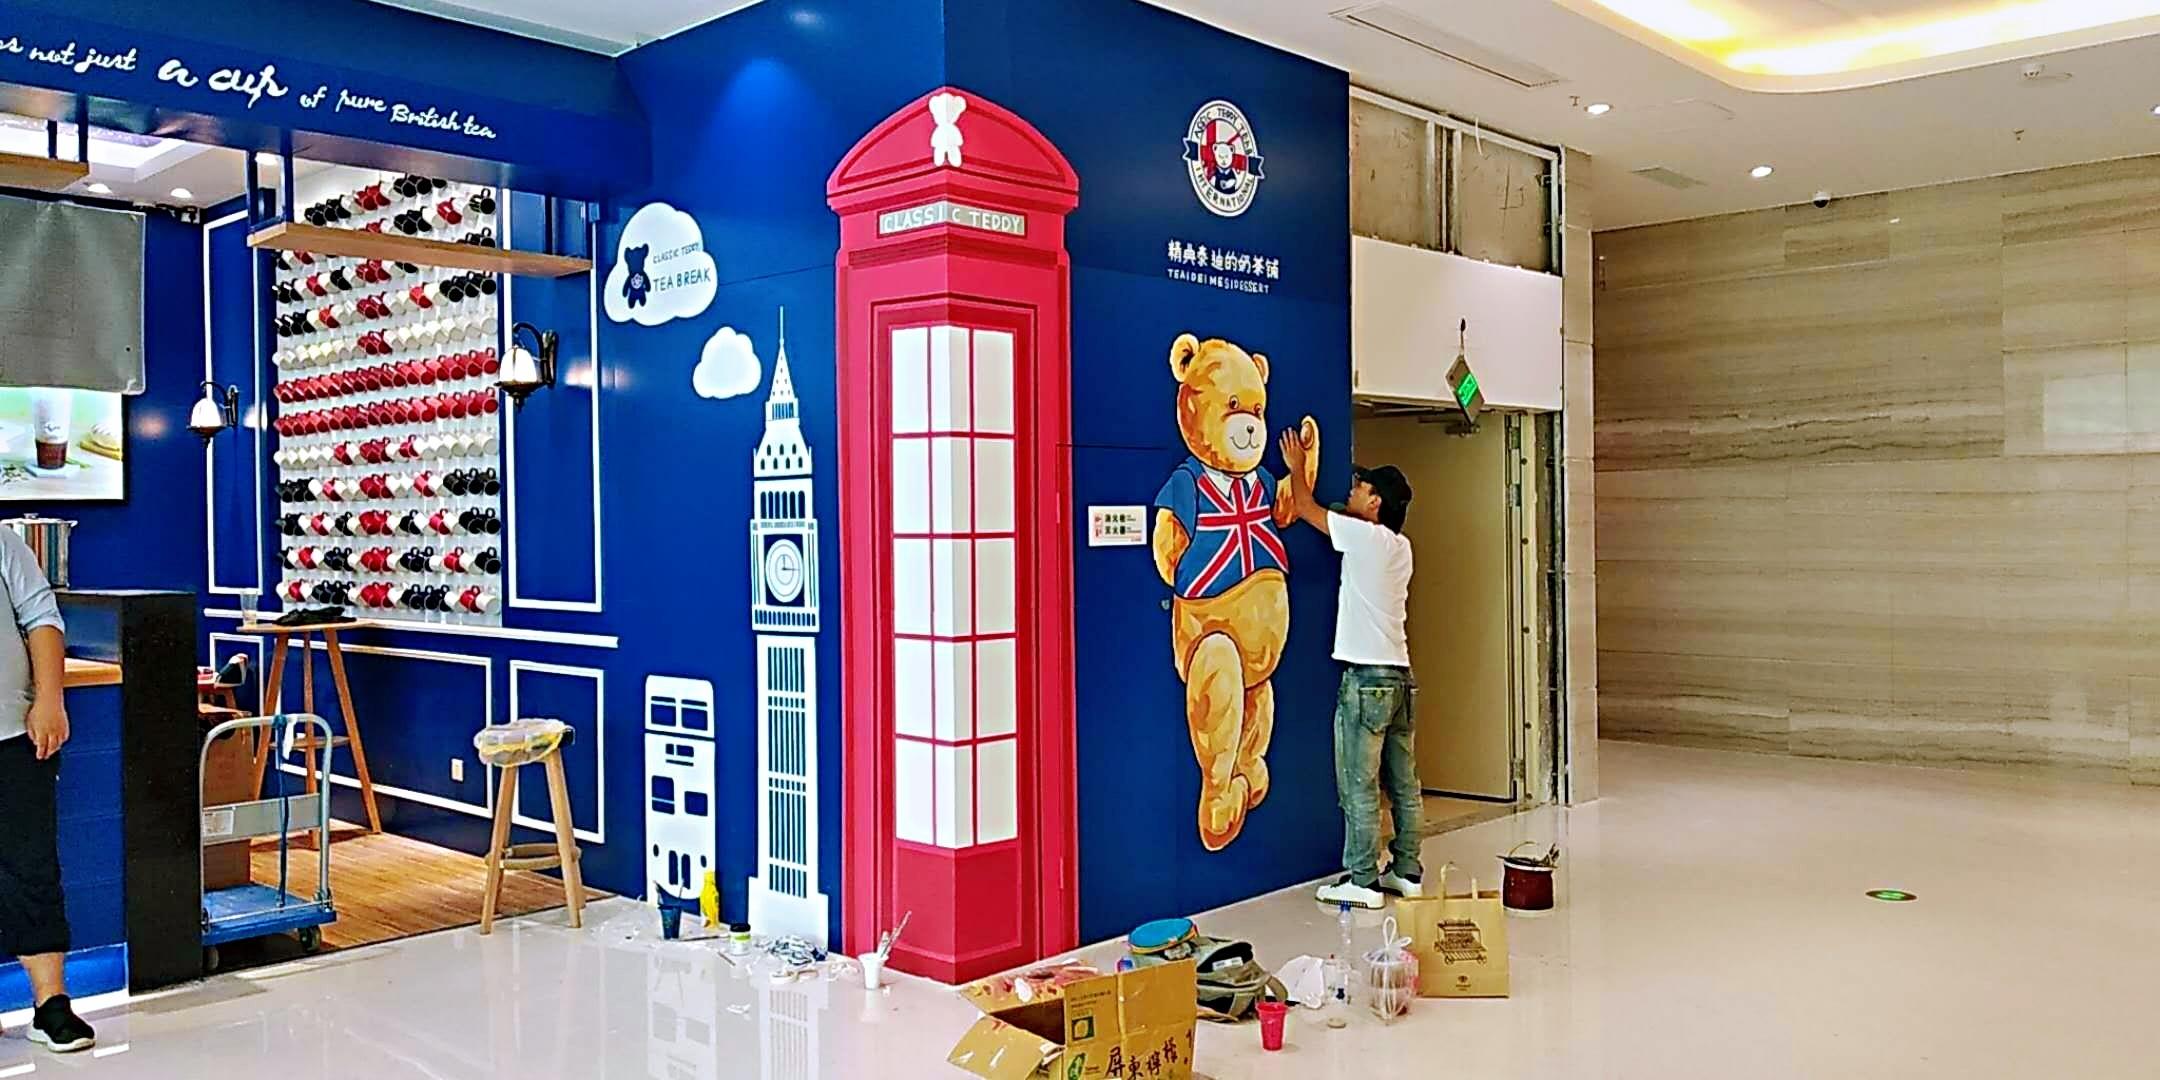 泰迪熊奶茶店手绘 其他 墙绘/立体画 彩绘工程画师